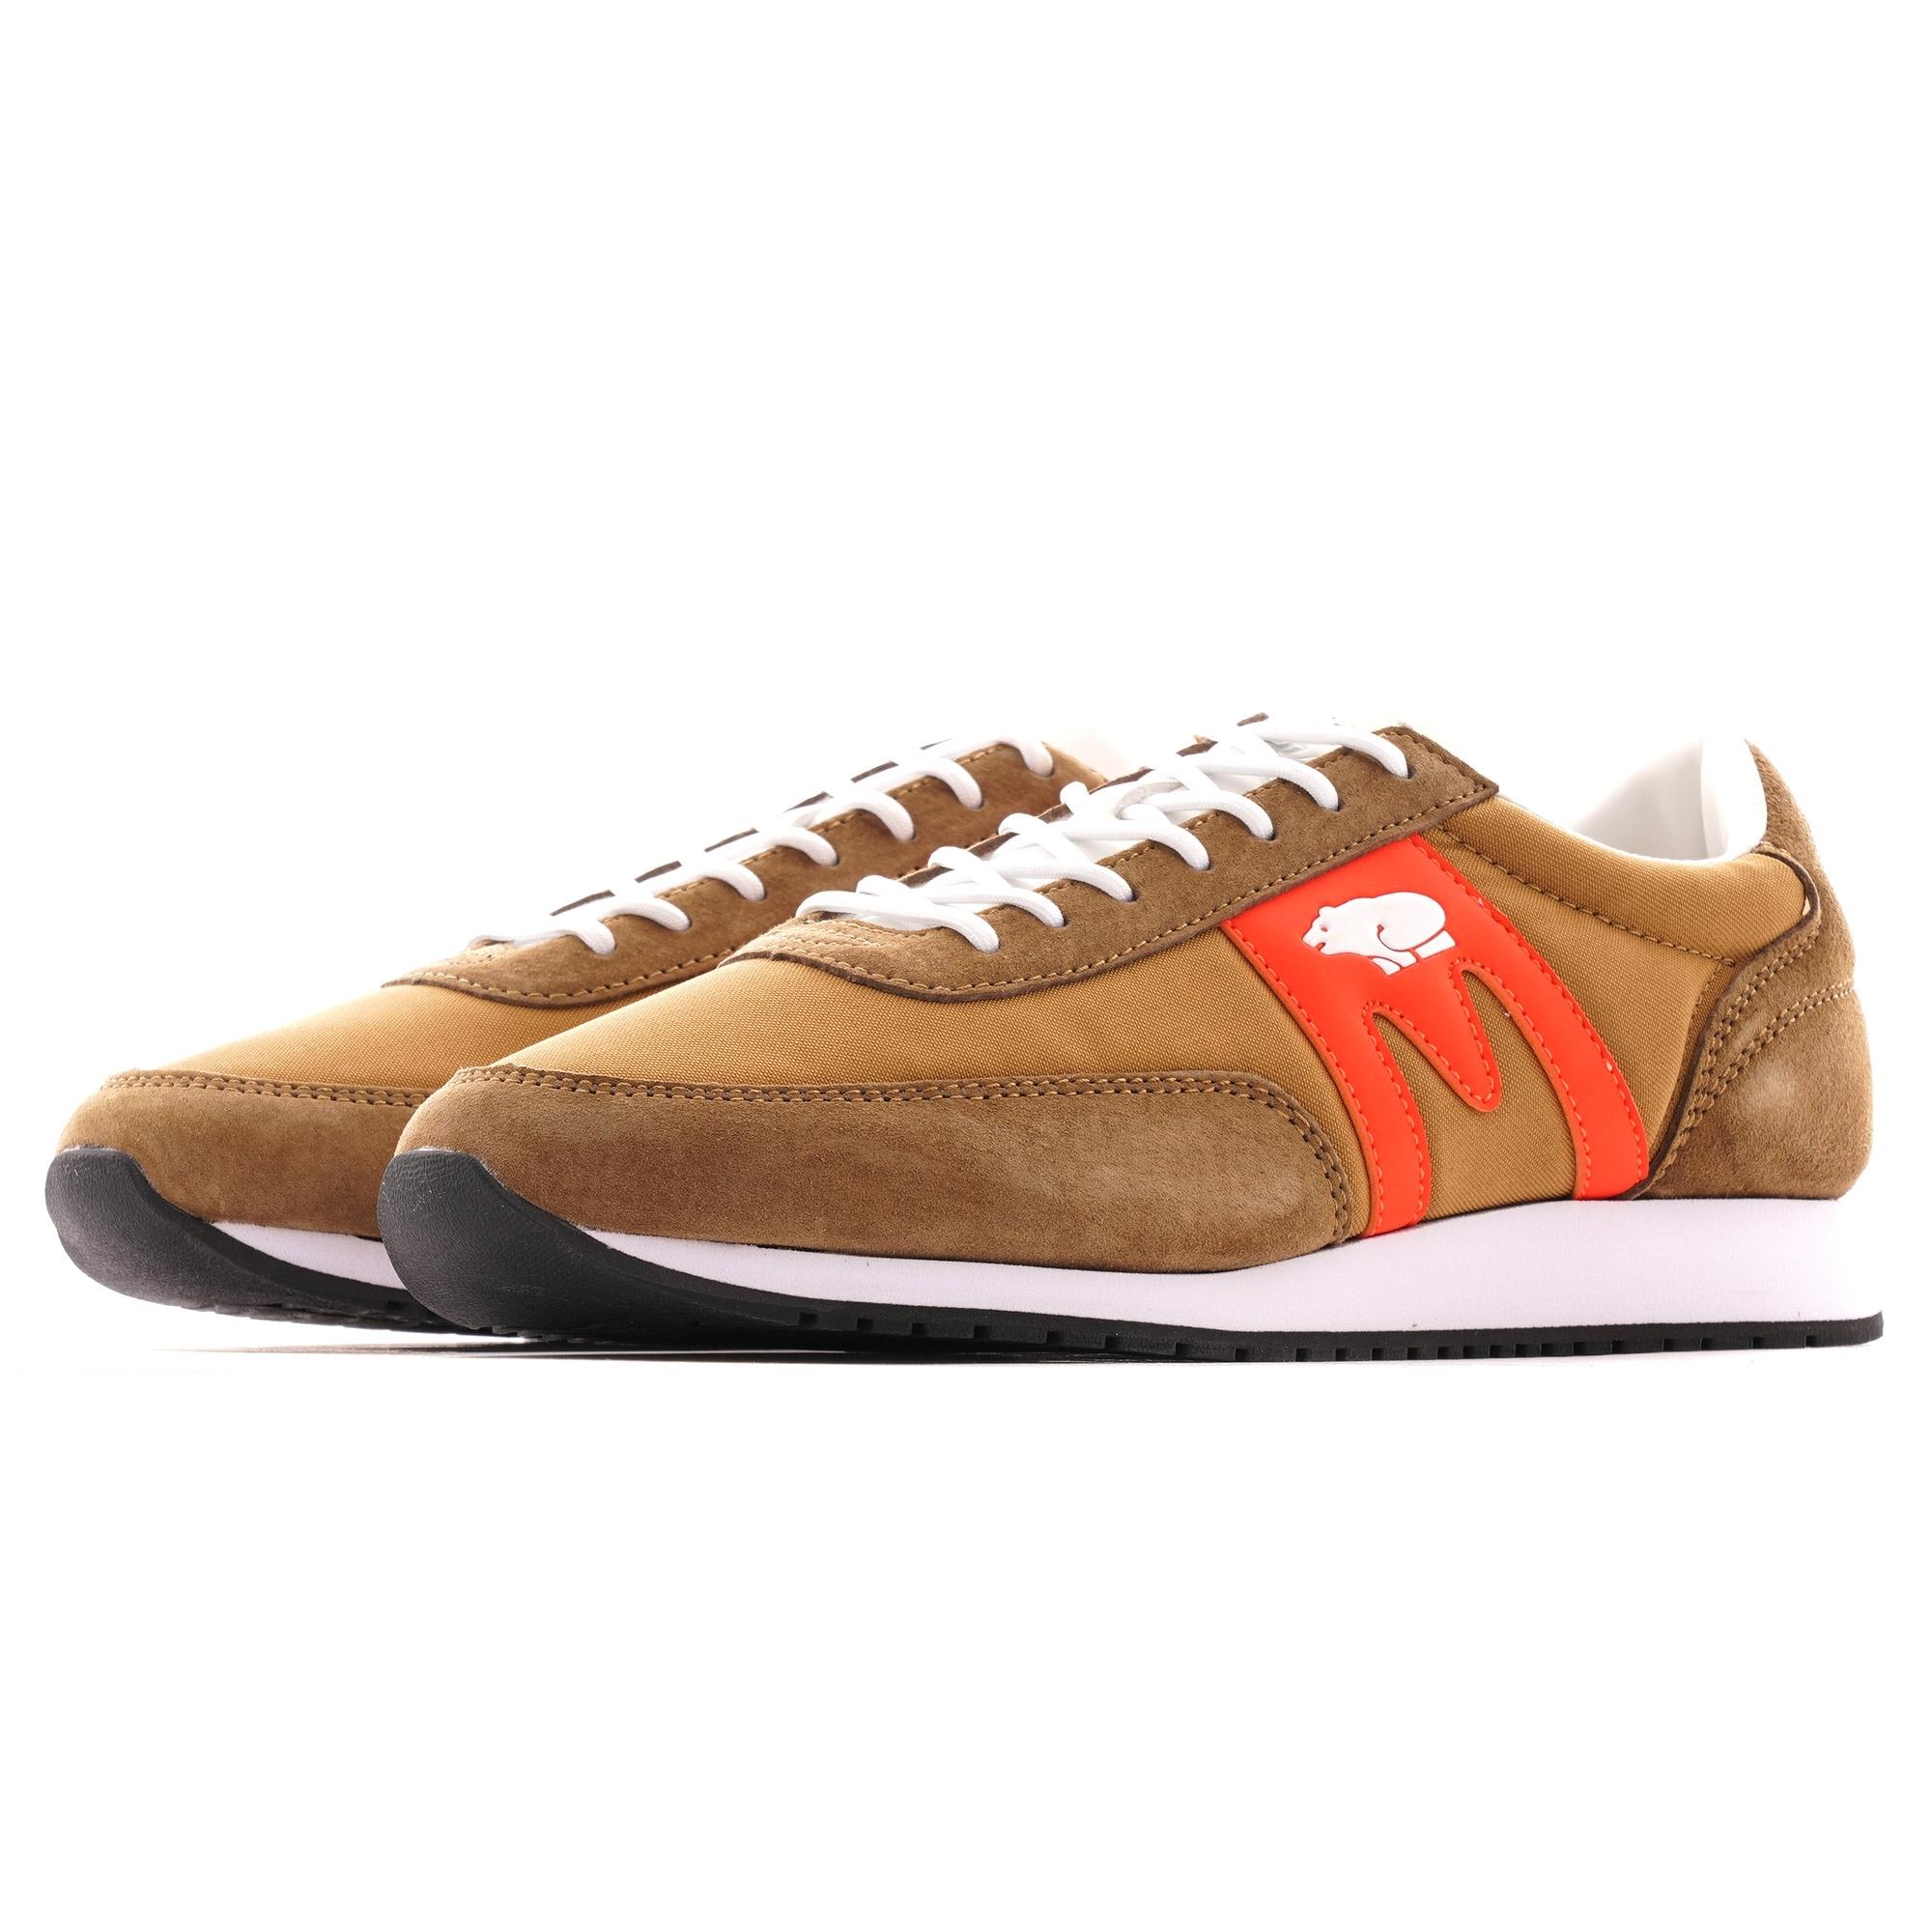 Karhu Albatross Sneaker | Brown/Flame